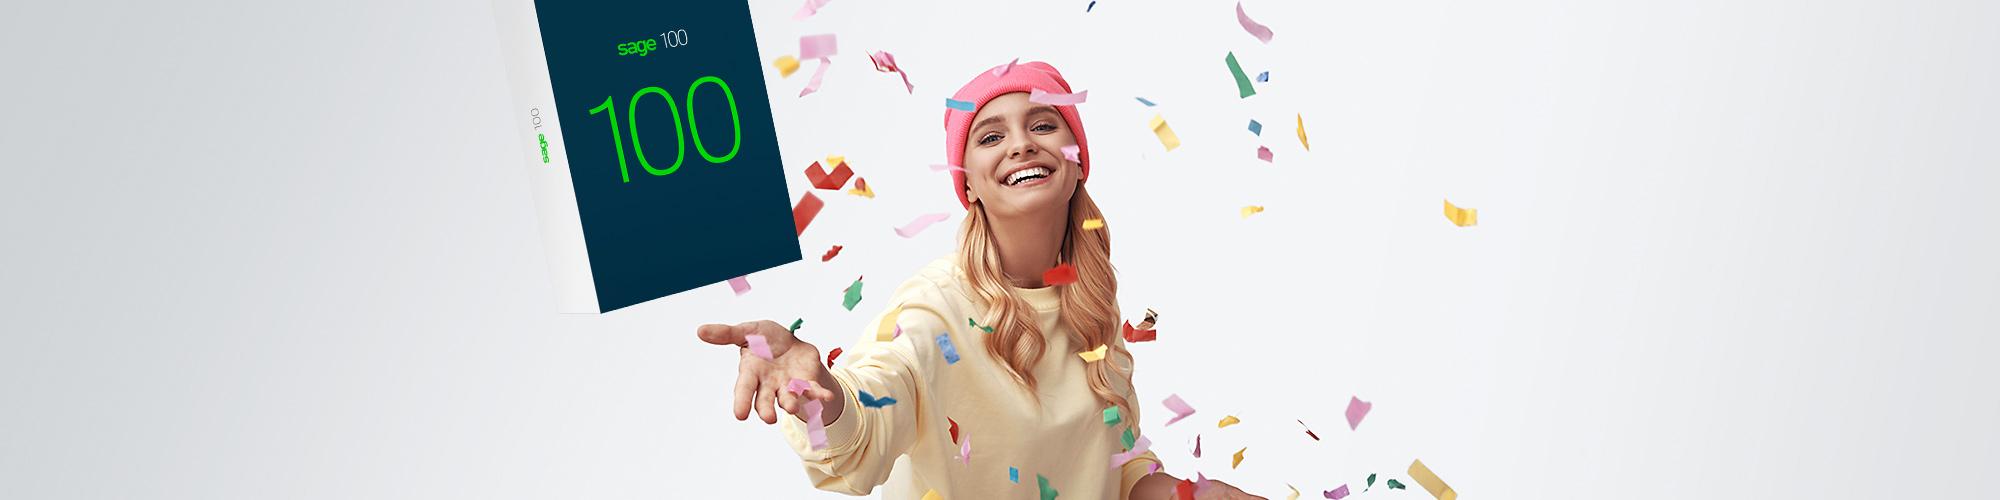 Bild einer jungen Frau, die das Sage 100 Package und Konfetti in die Luft wirft